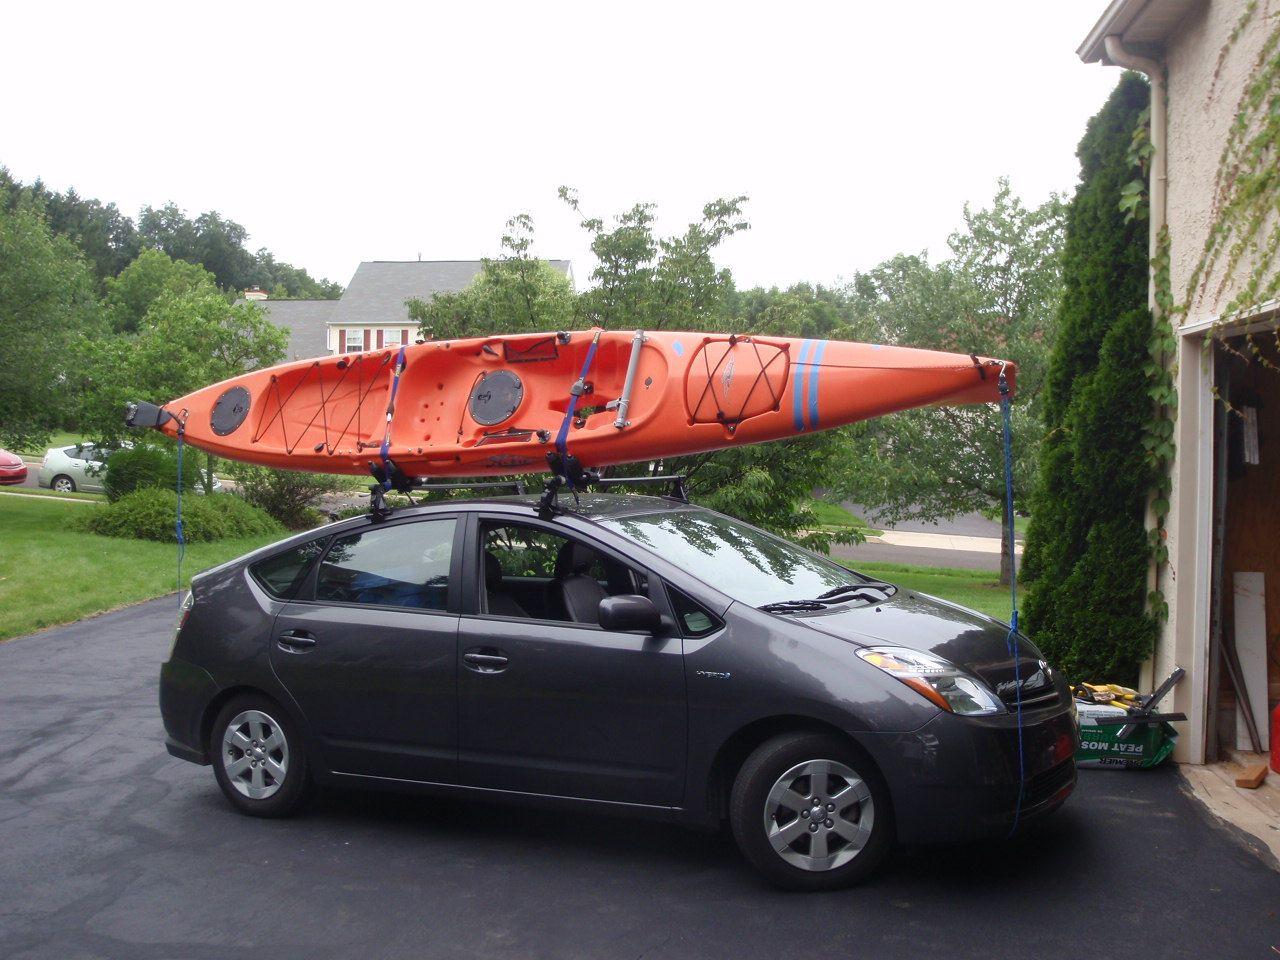 Show Your Toyota Prius Car Topping A Kayak Kayaking And Kayak Fishing Forum Kayak Roof Rack Toyota Prius Prius Car